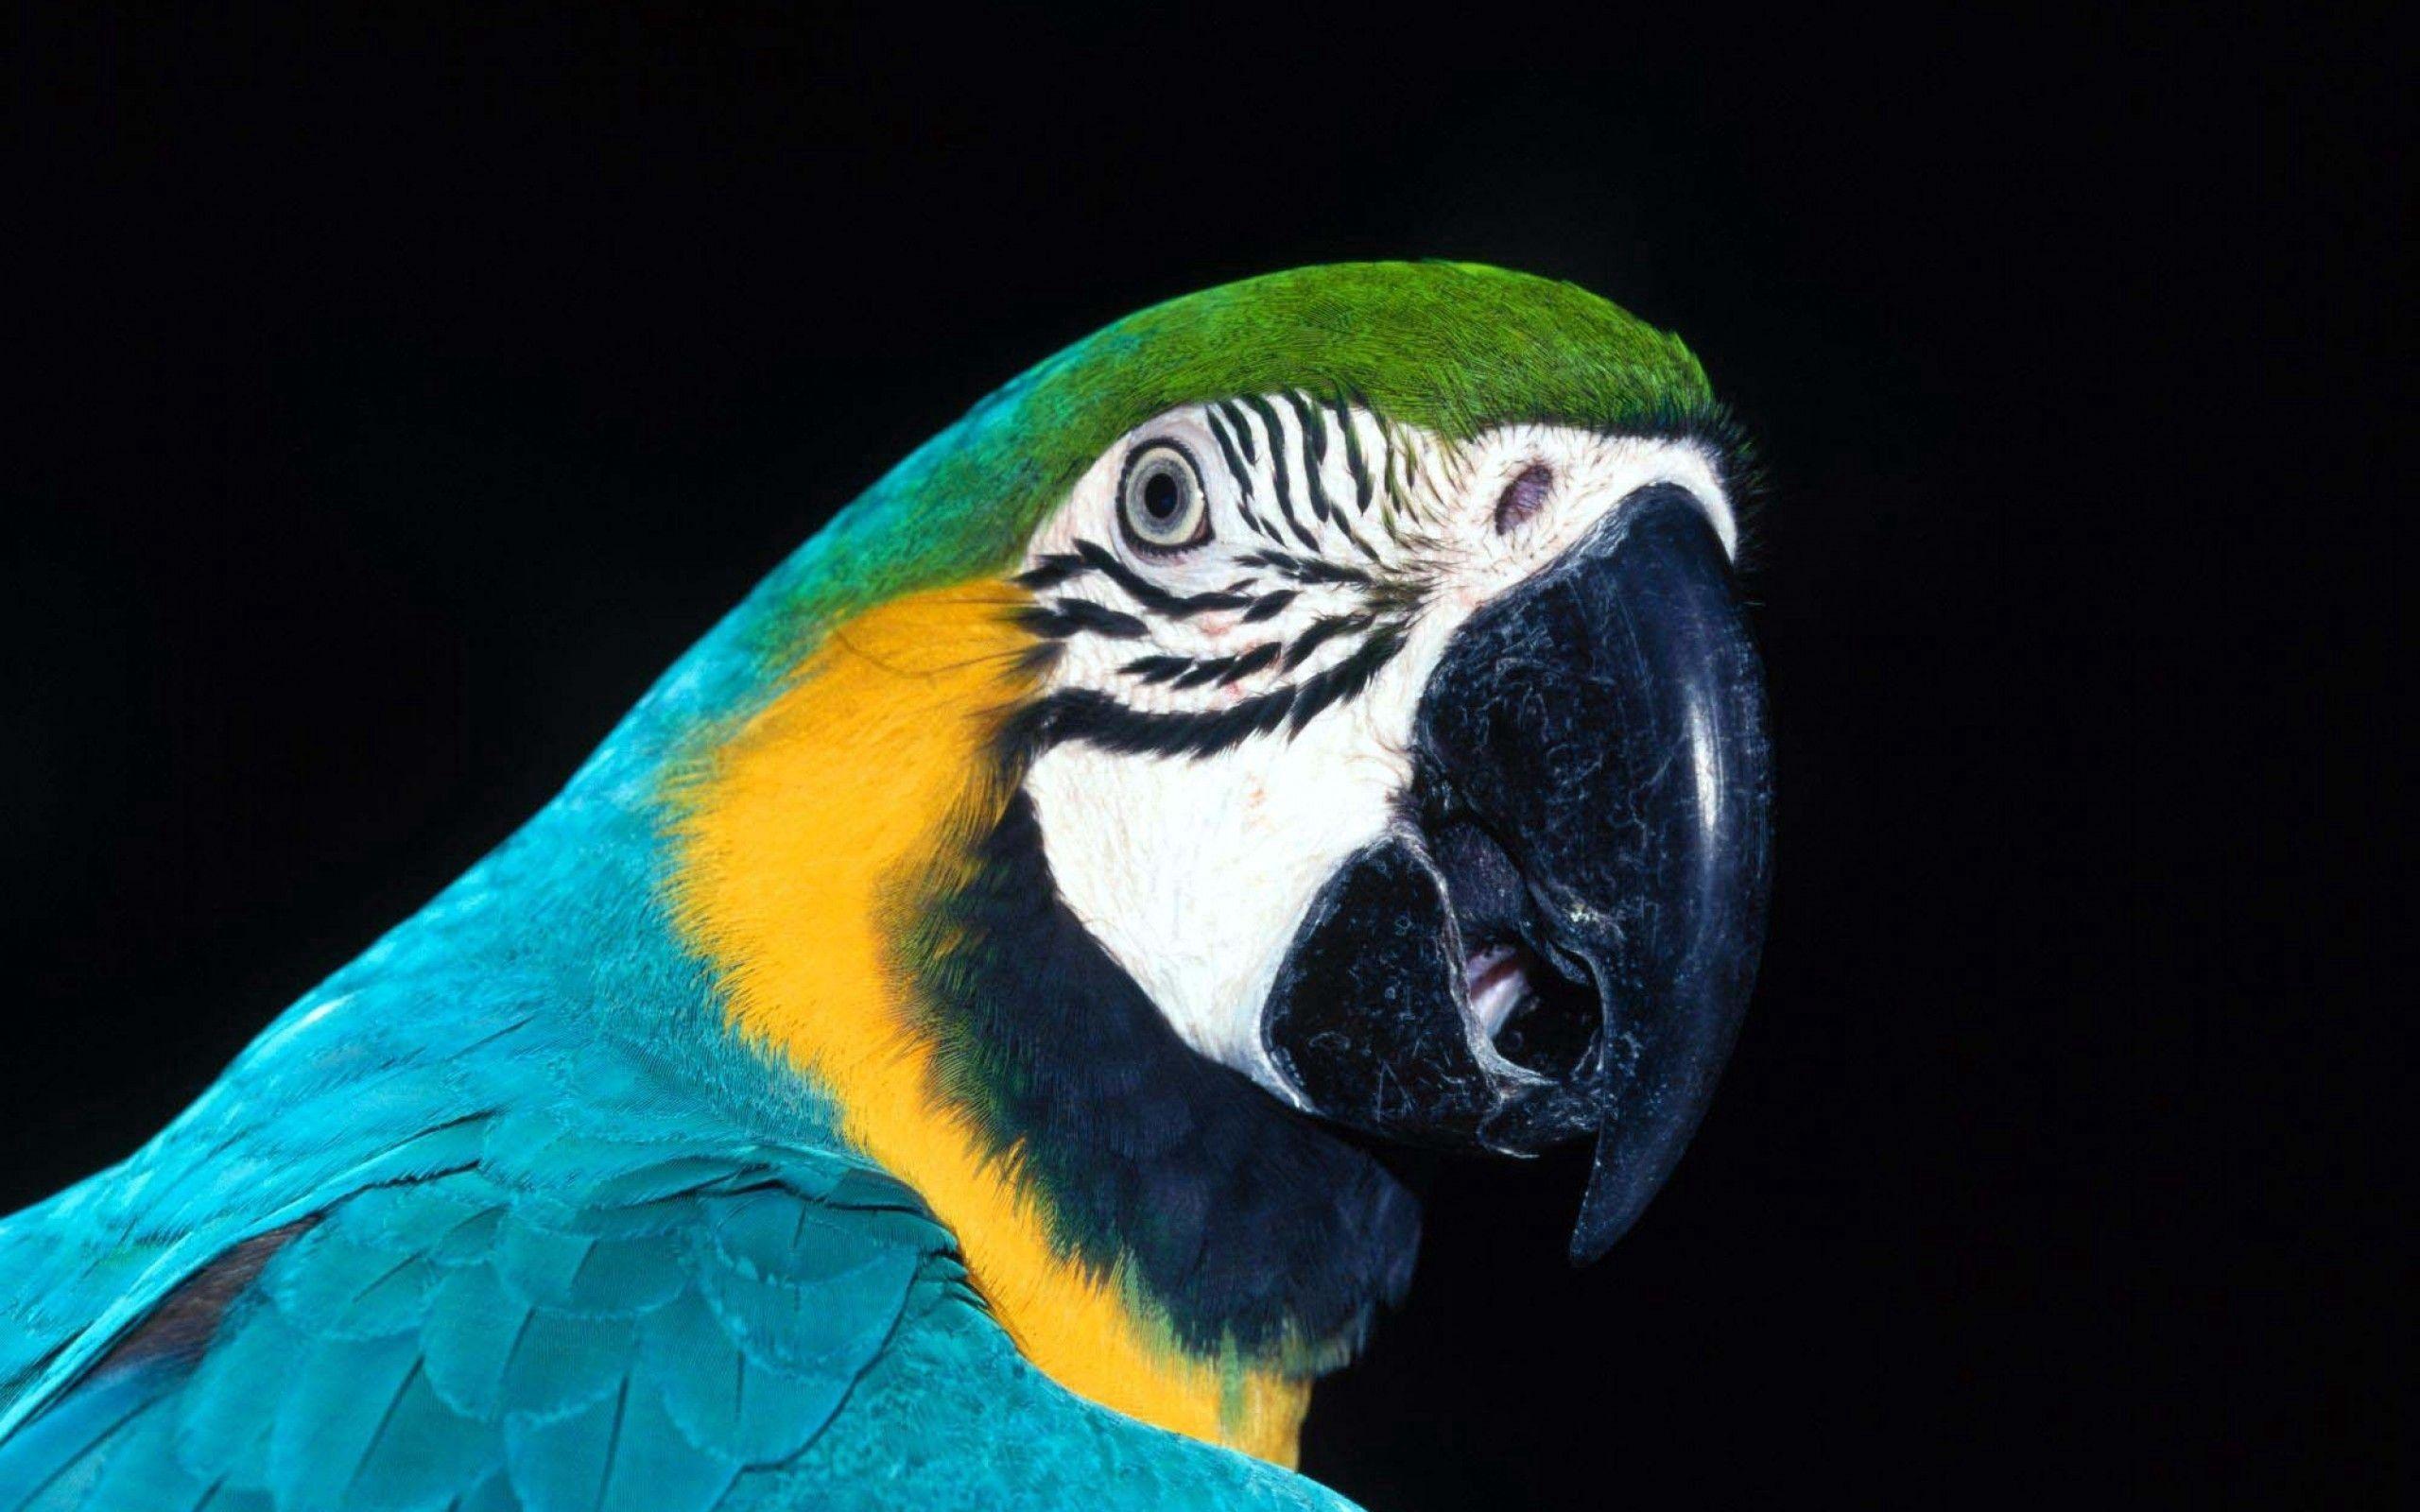 100156 Hintergrundbild 240x400 kostenlos auf deinem Handy, lade Bilder Tiere, Papageien, Vogel, Schnabel, Farbe 240x400 auf dein Handy herunter